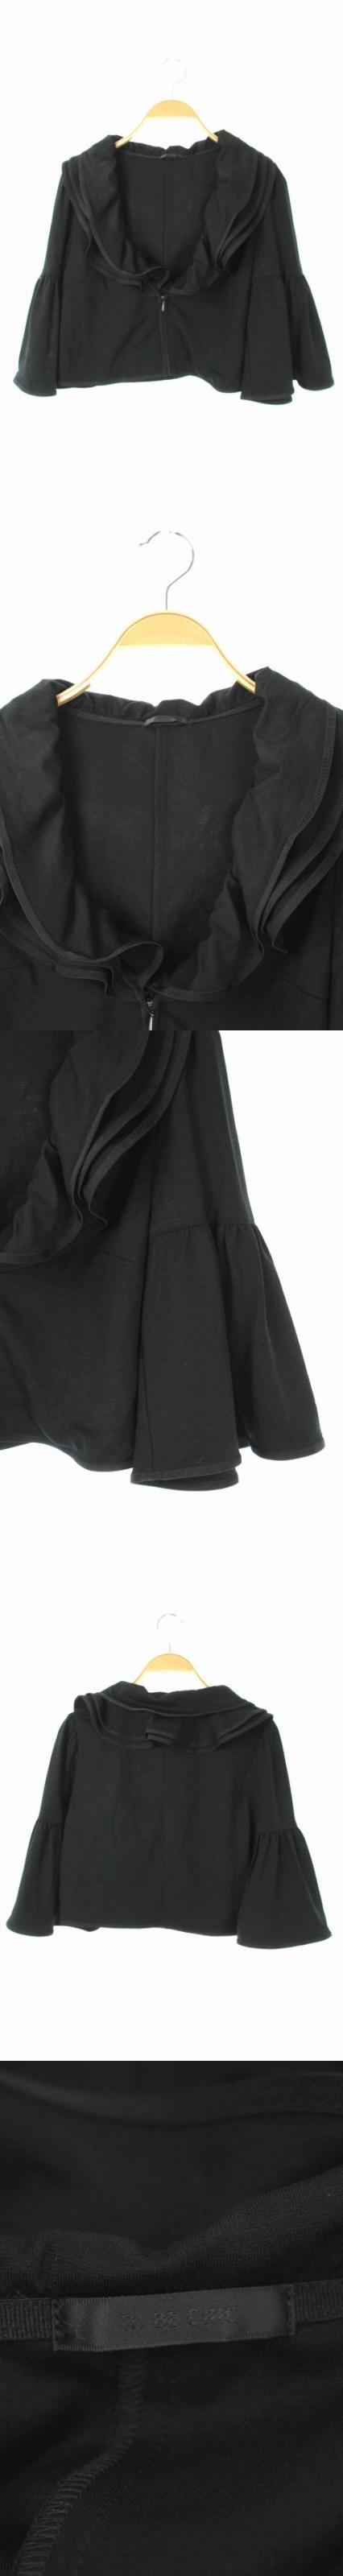 カーディガン ボレロ ジップアップ 七分袖 フレアスリーブ フリル 黒 /AA ■OS